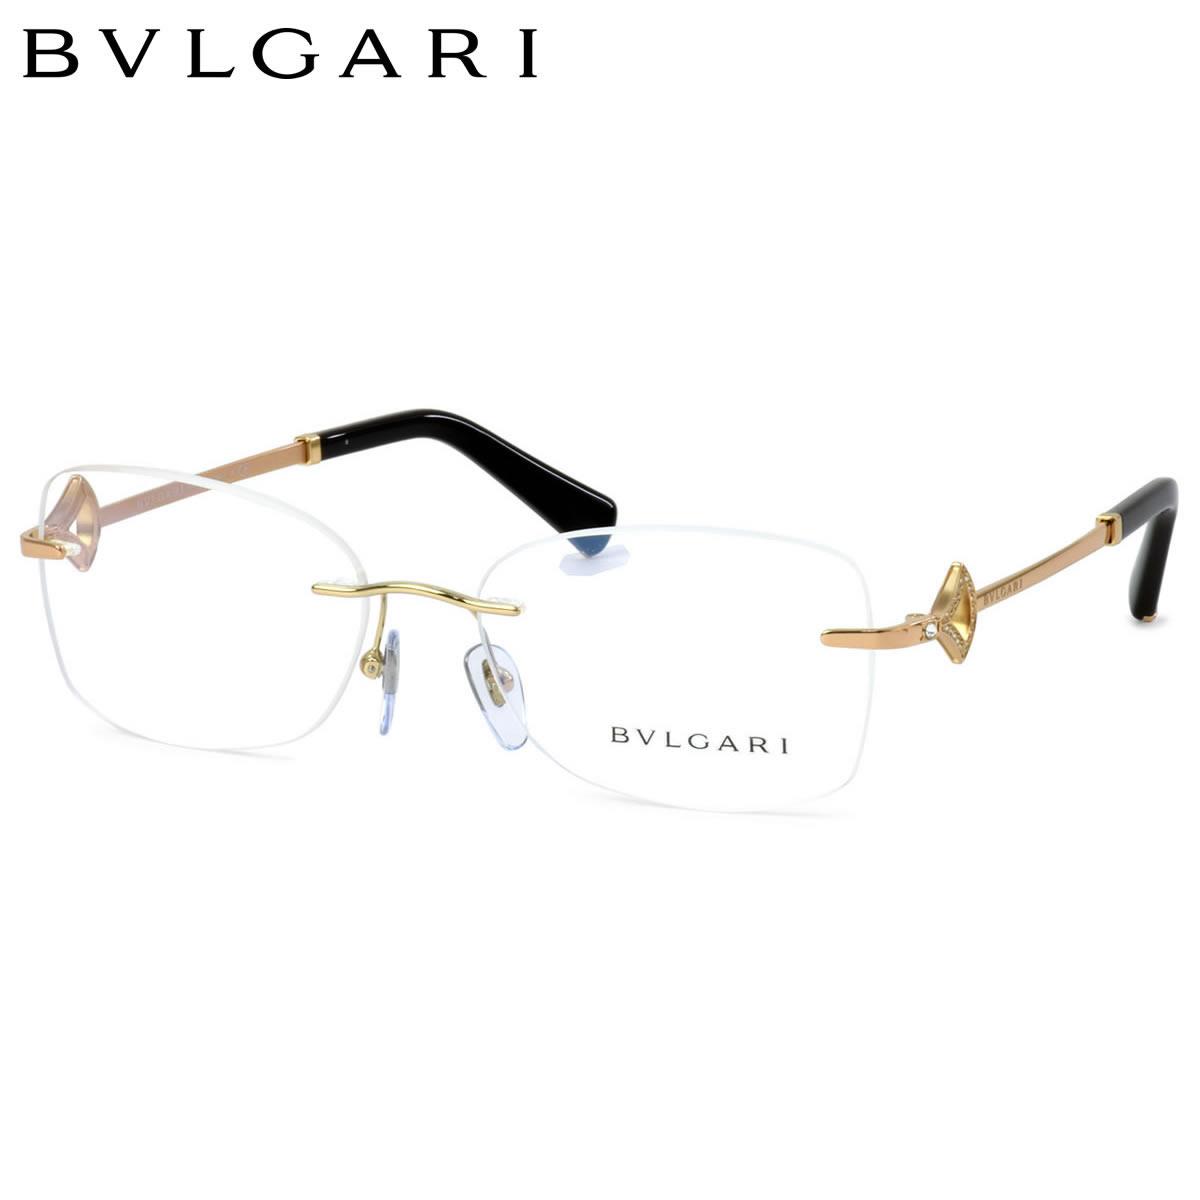 【10月30日からエントリーで全品ポイント20倍】ブルガリ BVLGARI メガネBV2199B 2014 55サイズDIVAS' DREAM ディーヴァドリーム  ツーポイント 縁なしブルガリ BVLGARI レディース